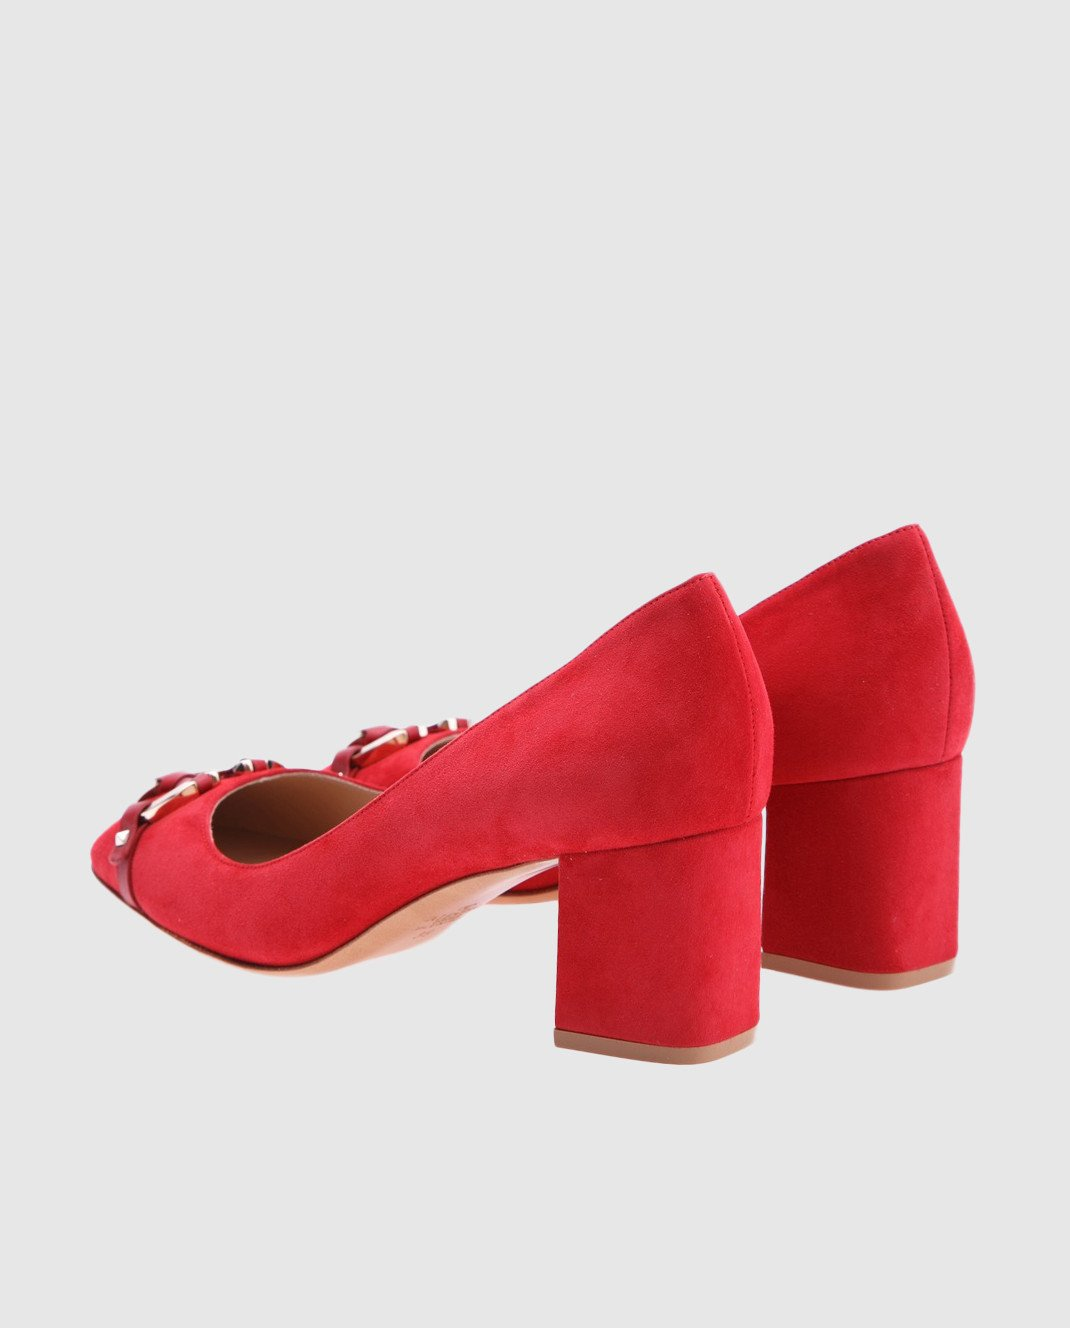 Valentino Красные туфли из замши изображение 3